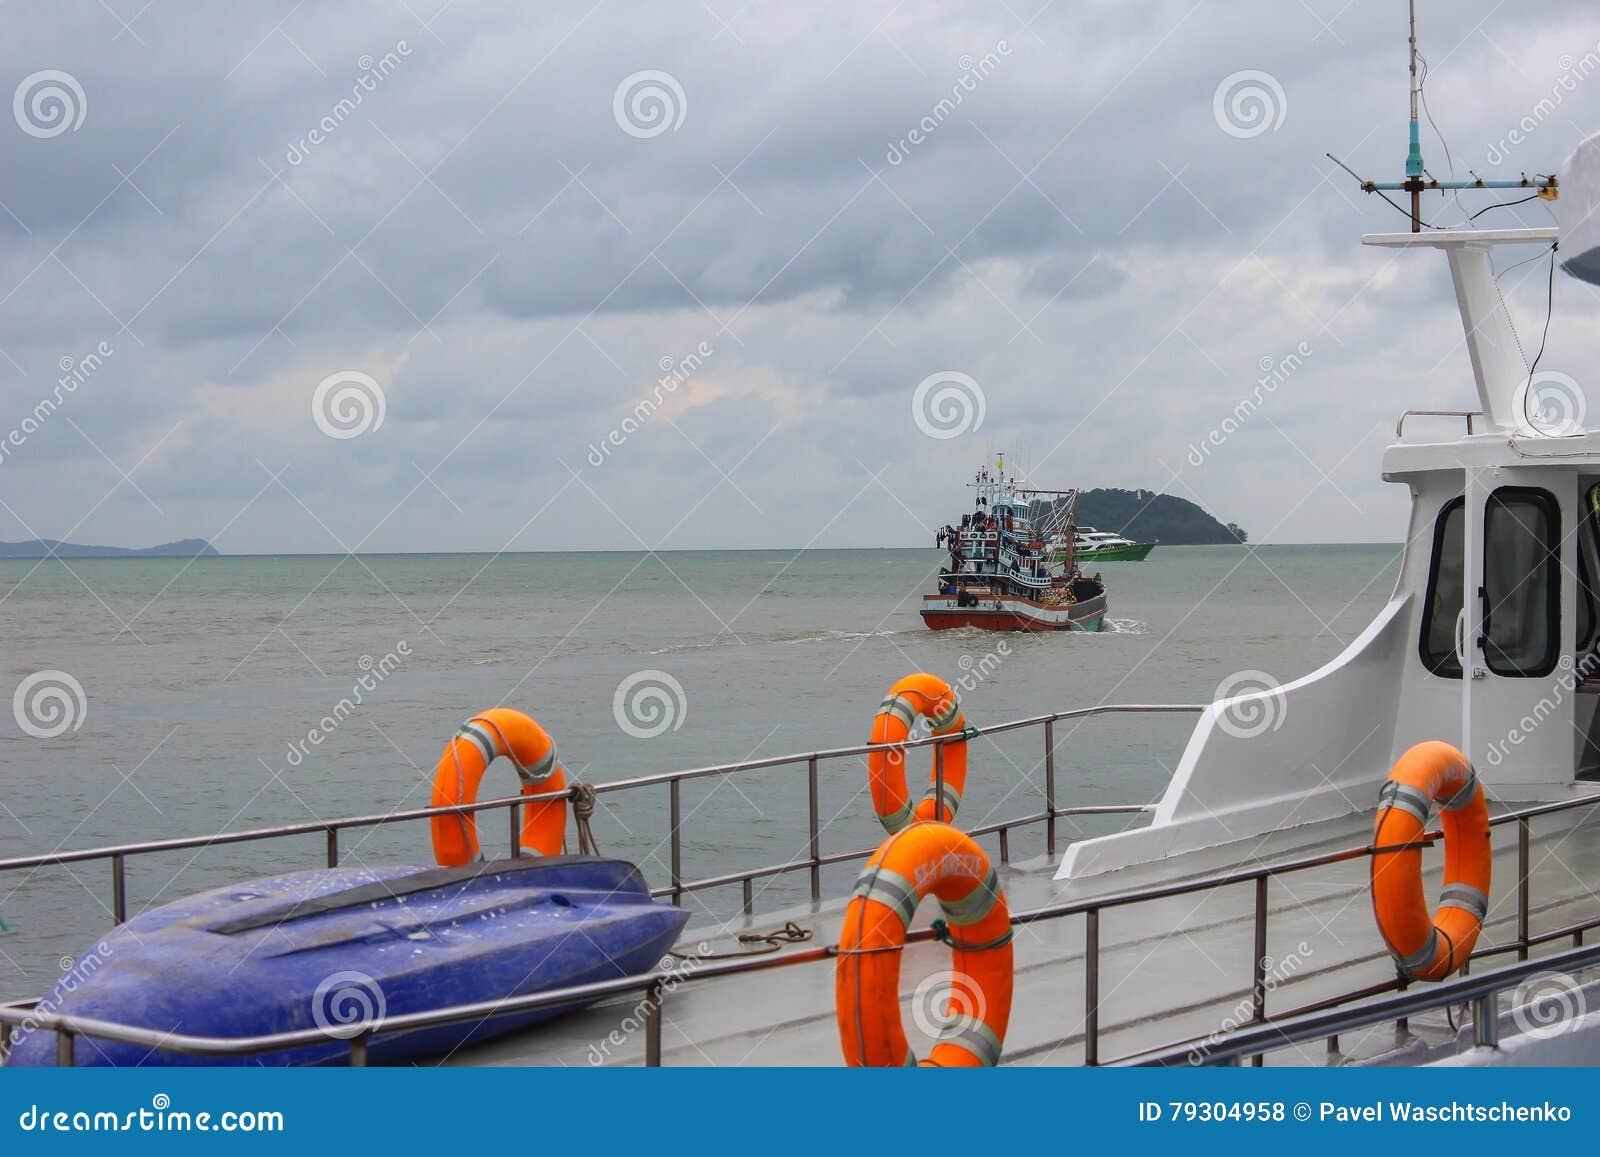 Ringlebenjunge auf großem Boot Obligatorische Schiffsausrüstung Persönliche Schwimmaufbereitung-Einheit Prevent Ertrinken Orange